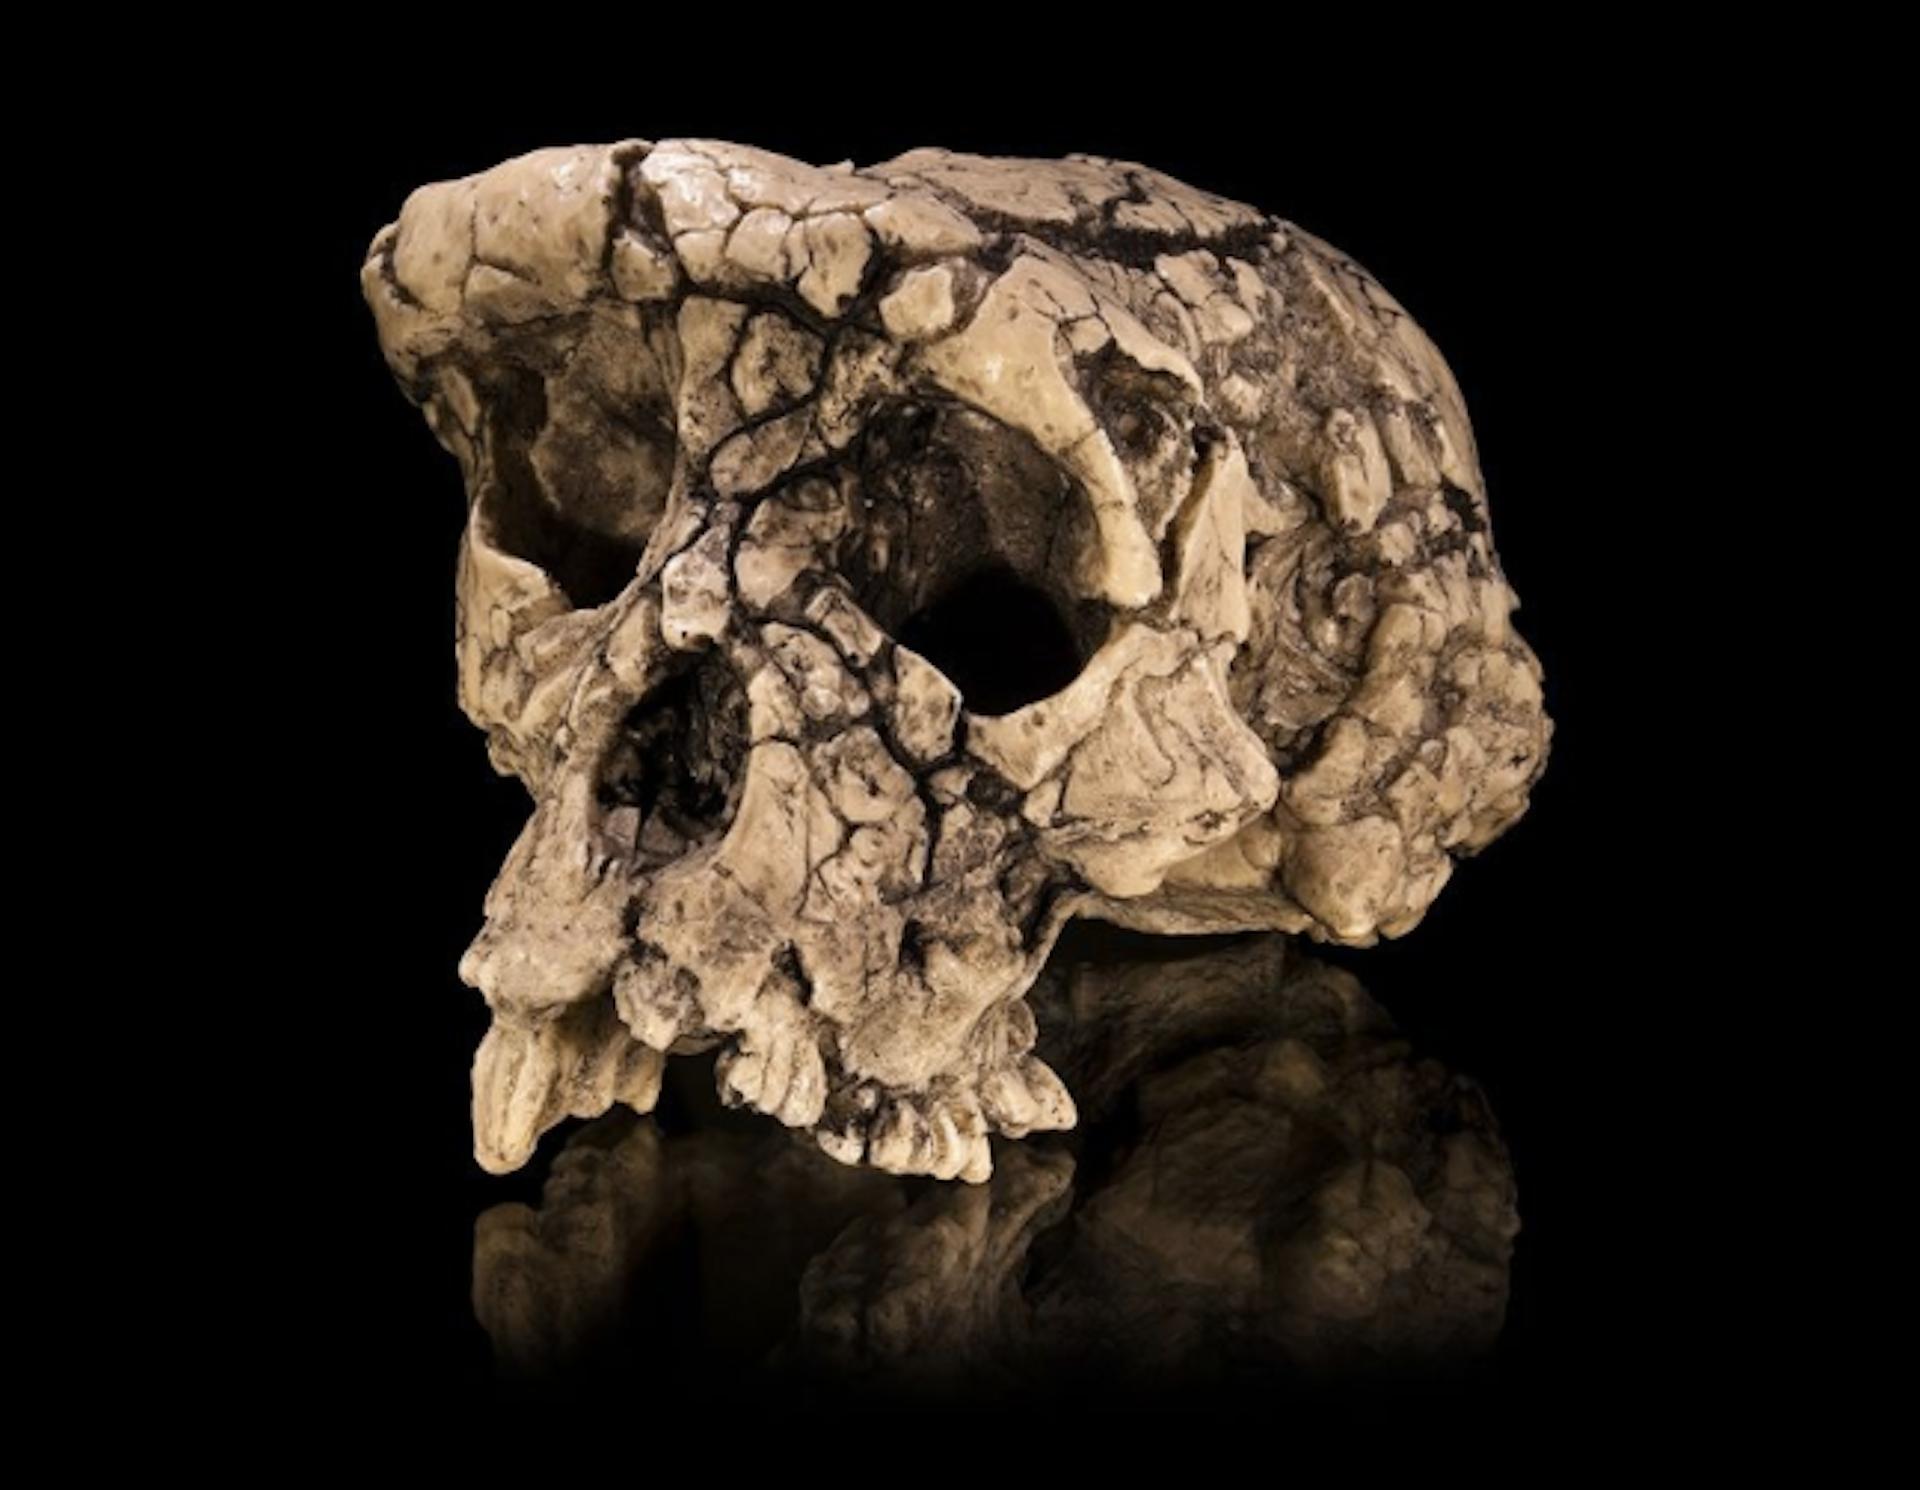 جمجمة مصنوعة للساهلانثروبوس (Sahelanthropus)، وهو أول المخلوقات القائمة الشبيهة بالقرود التي عاشت قبل سبعة ملايين سنة. Didier Descouens, CC BY-SA